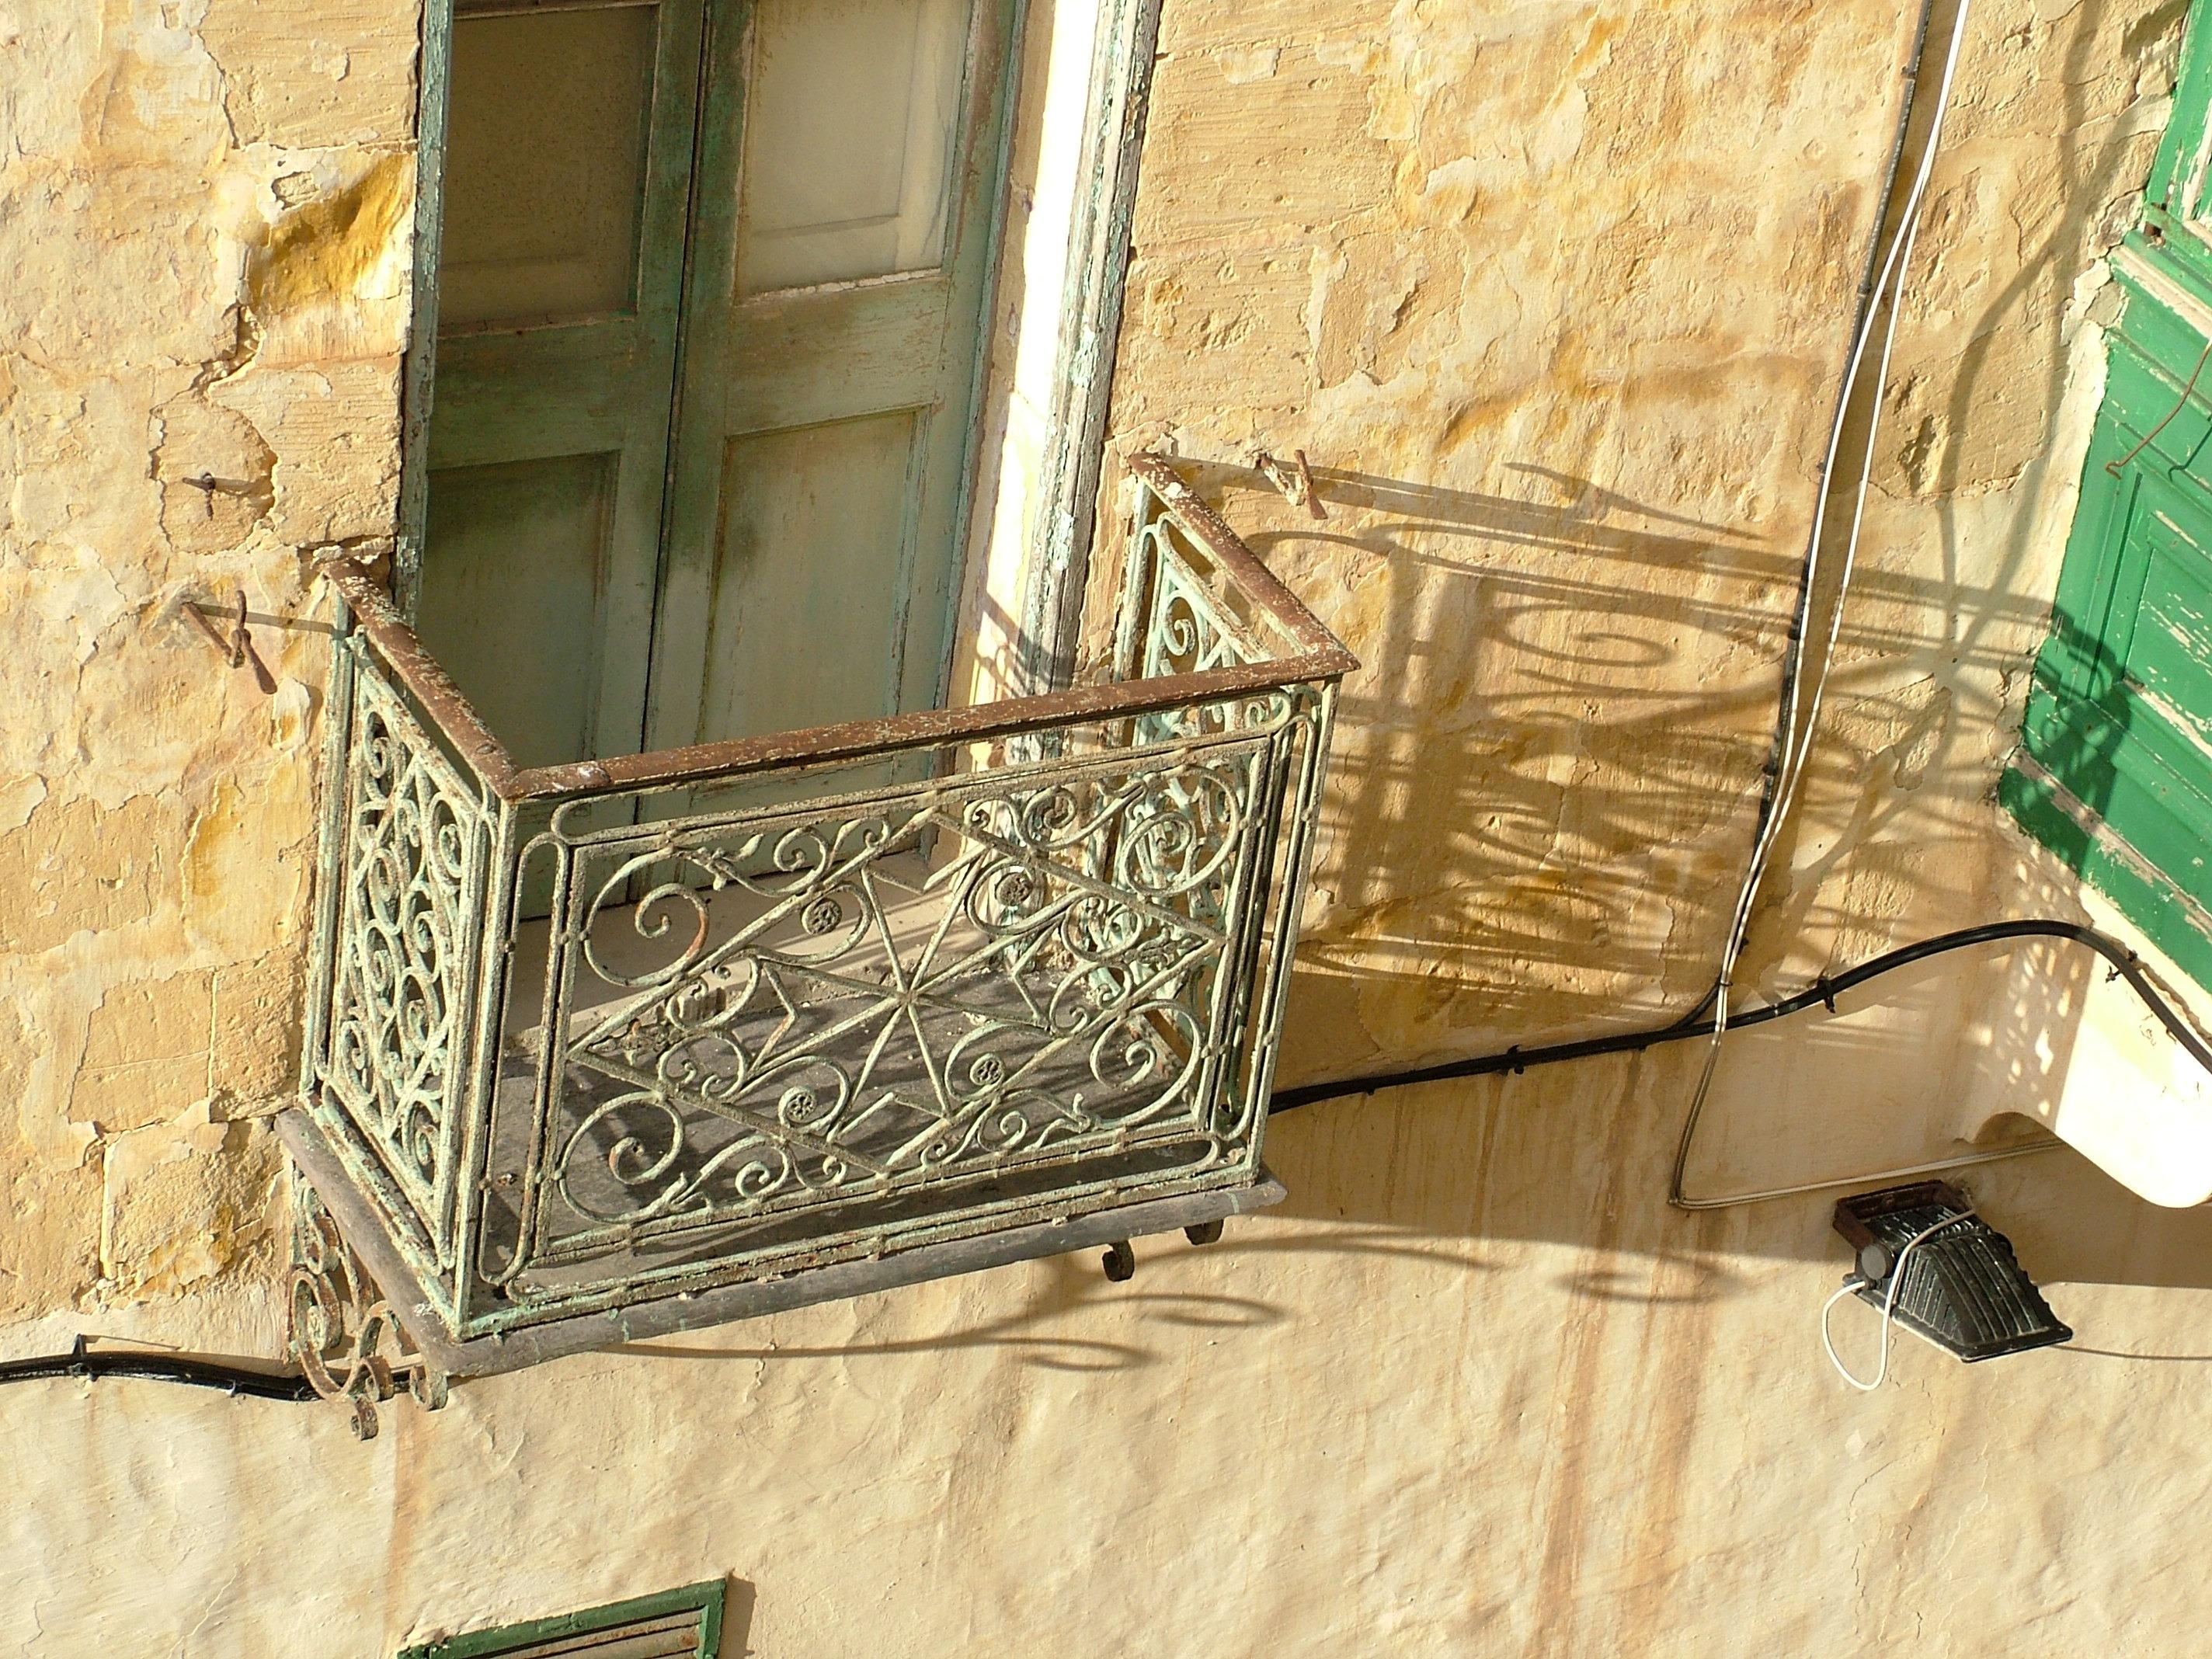 mesa ligero madera casa piso ventana antiguo pared balcn sombra mueble diseo de interiores marco piso